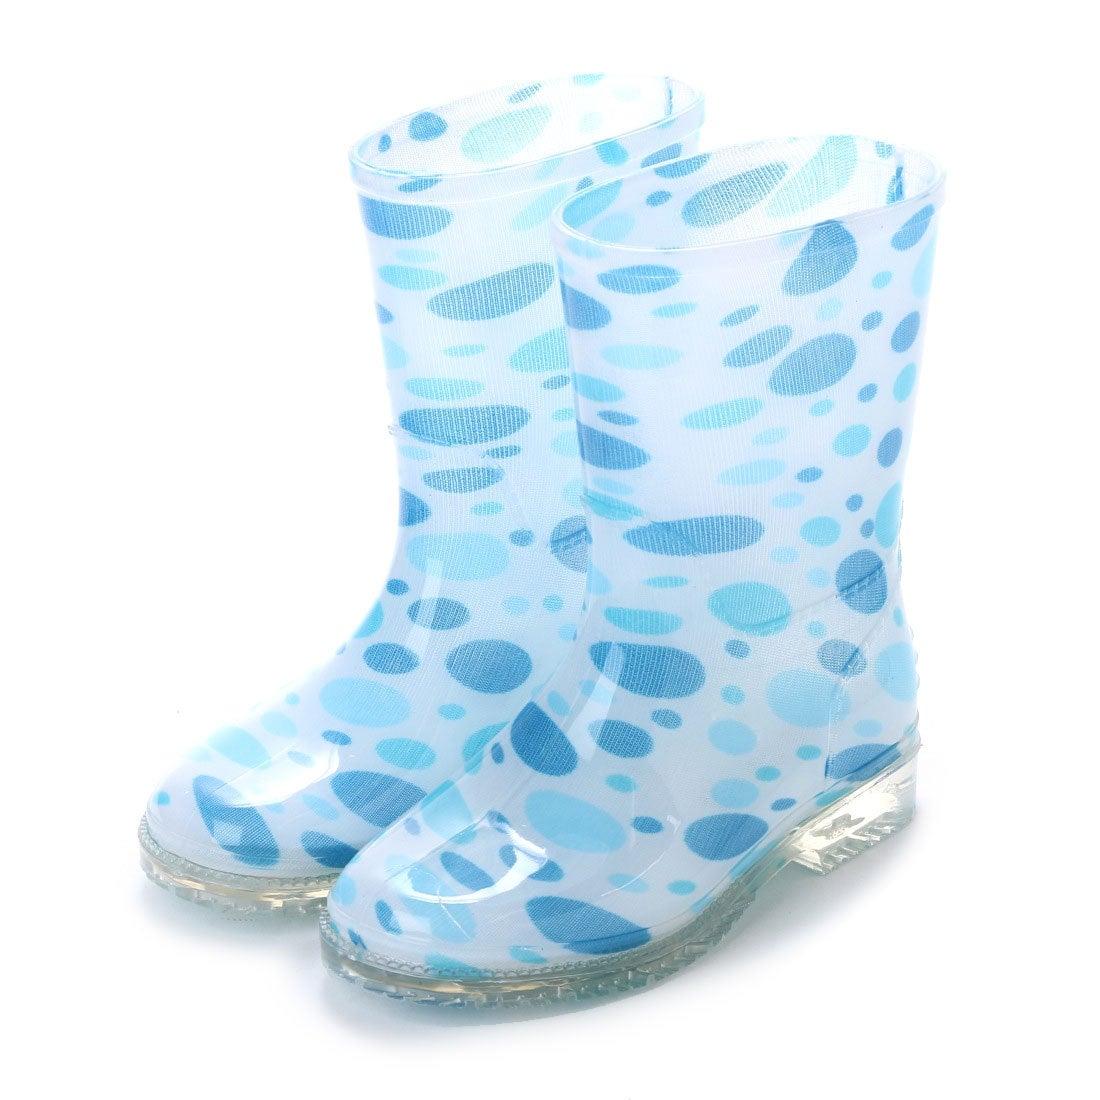 ロコンド 靴とファッションの通販サイトケーズプラスK'sPLUSかわいいシャワードットレインシューズ